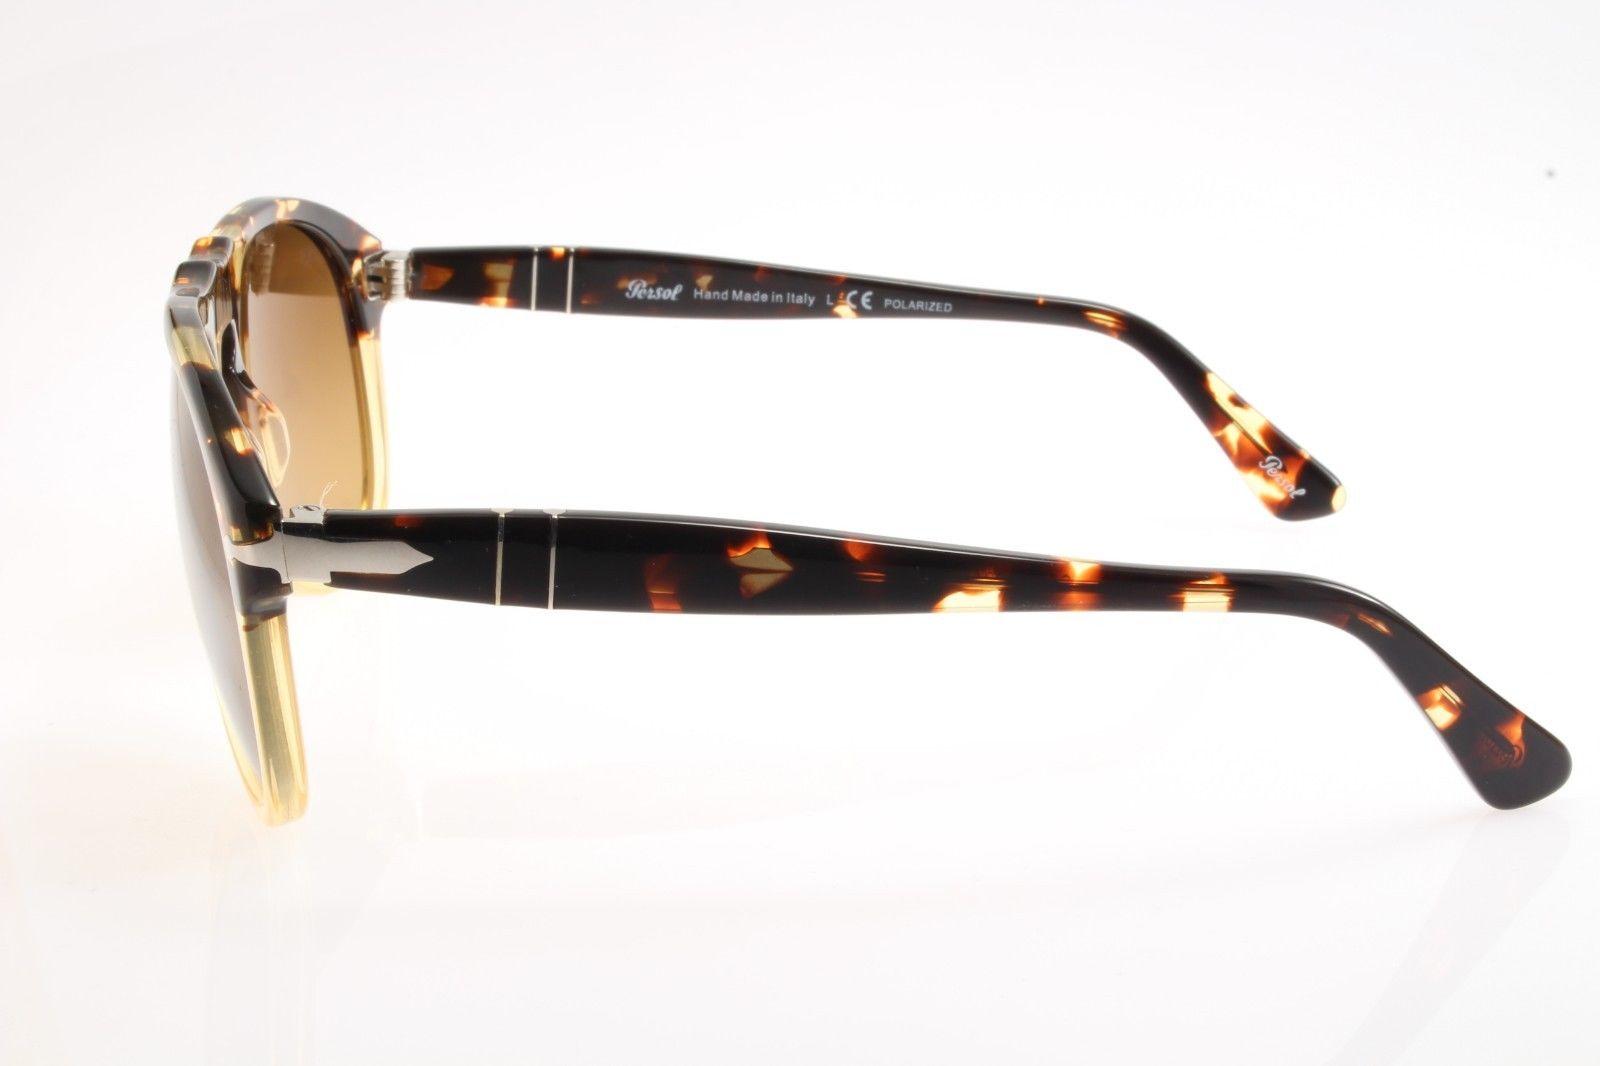 ae0b5106b7 New authentic sunglasses Persol 649 1024 M2 54 Ebano e Oro Brown Gradient  Polar